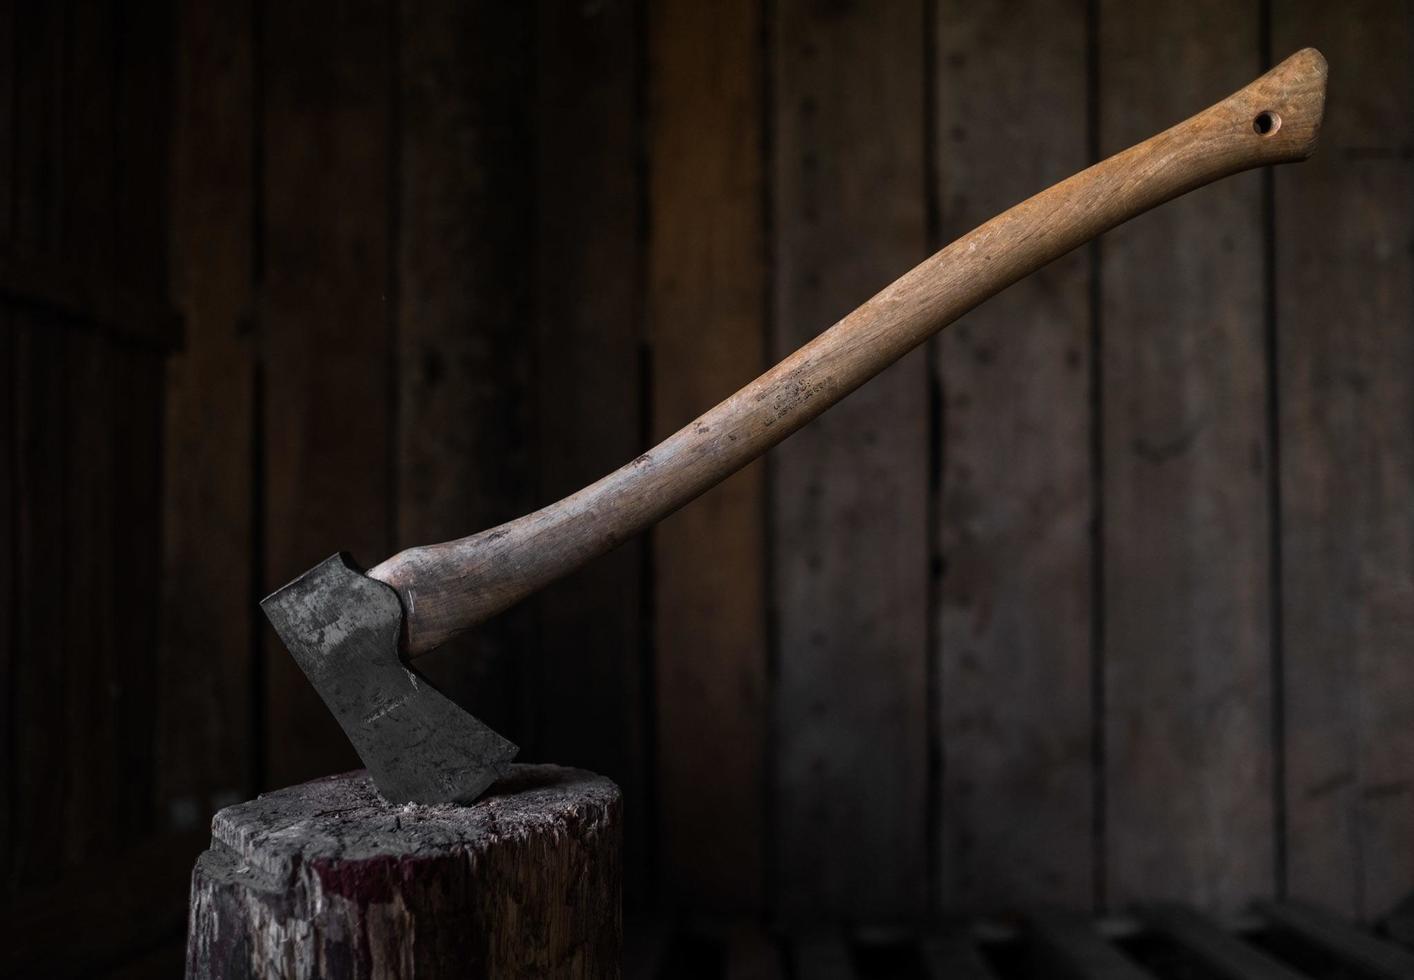 un hacha de hierro clavada en un tronco de madera foto